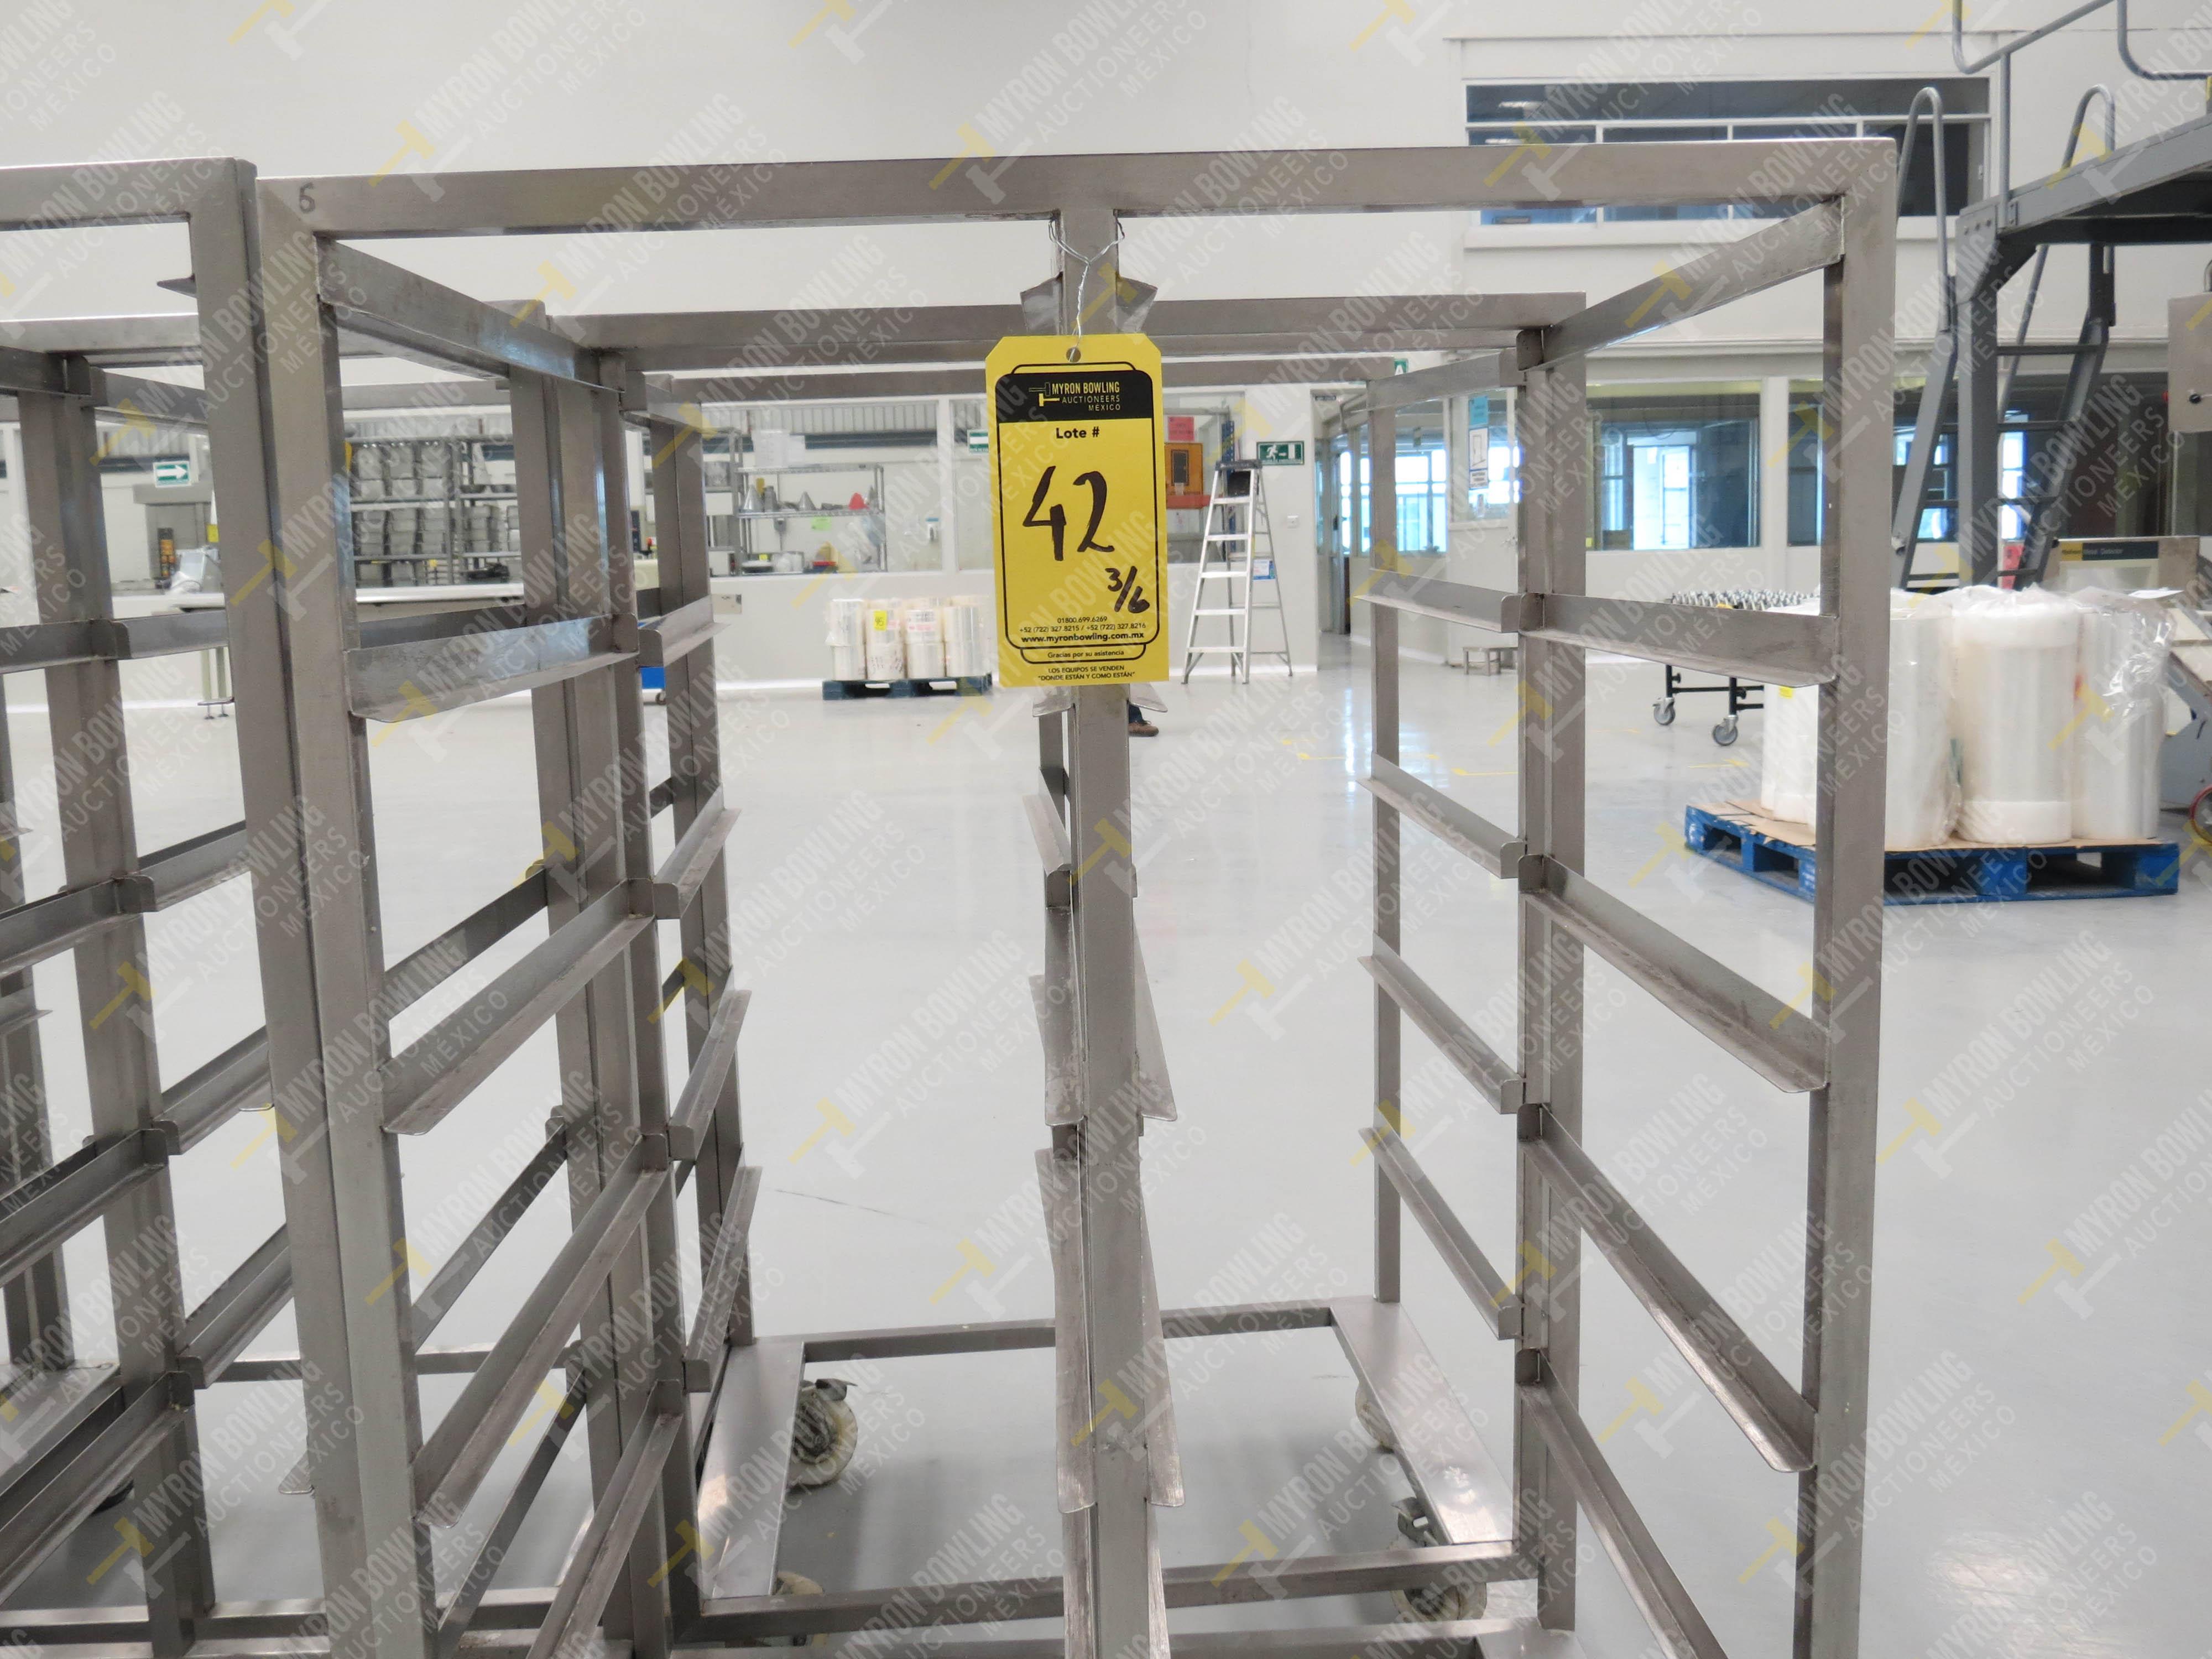 Túnel de congelación de alimentos marca Criocabin, Modelo G130020, No. de Serie 29535666 … - Image 8 of 12